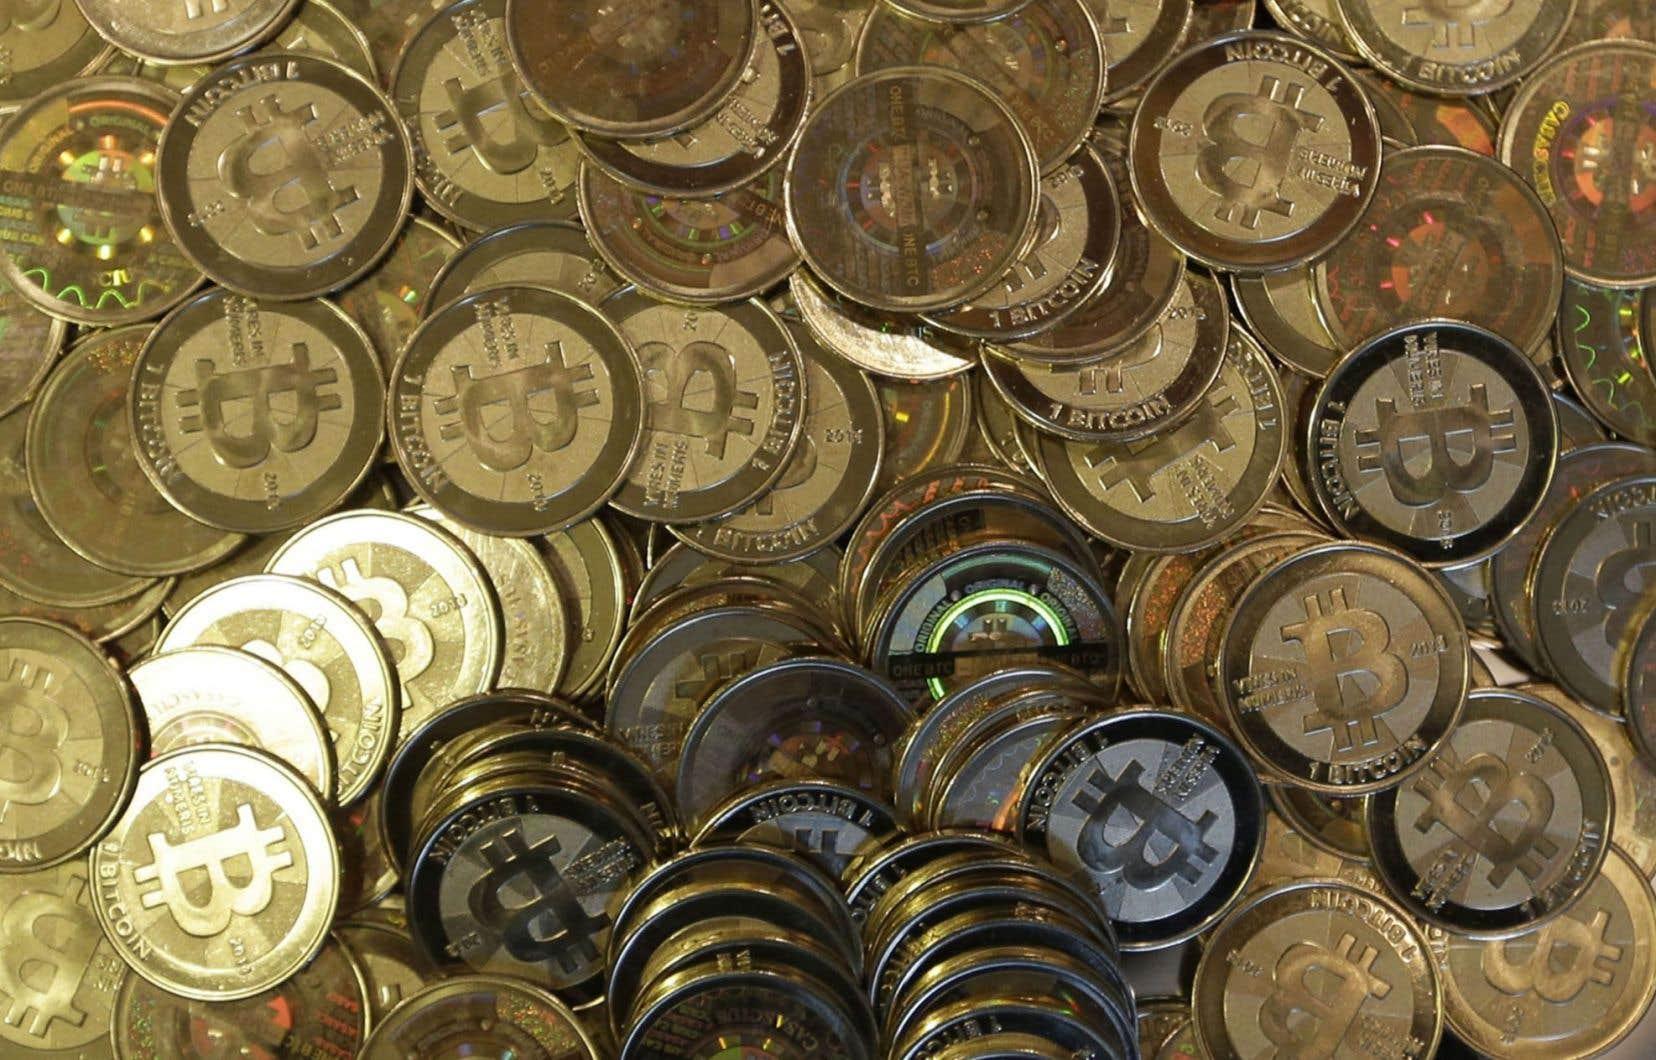 Le bitcoin a été créé sous le couvert de l'anonymat en 2009 par un informaticien que l'on a longtemps baptisé Satoshi Nakamoto.